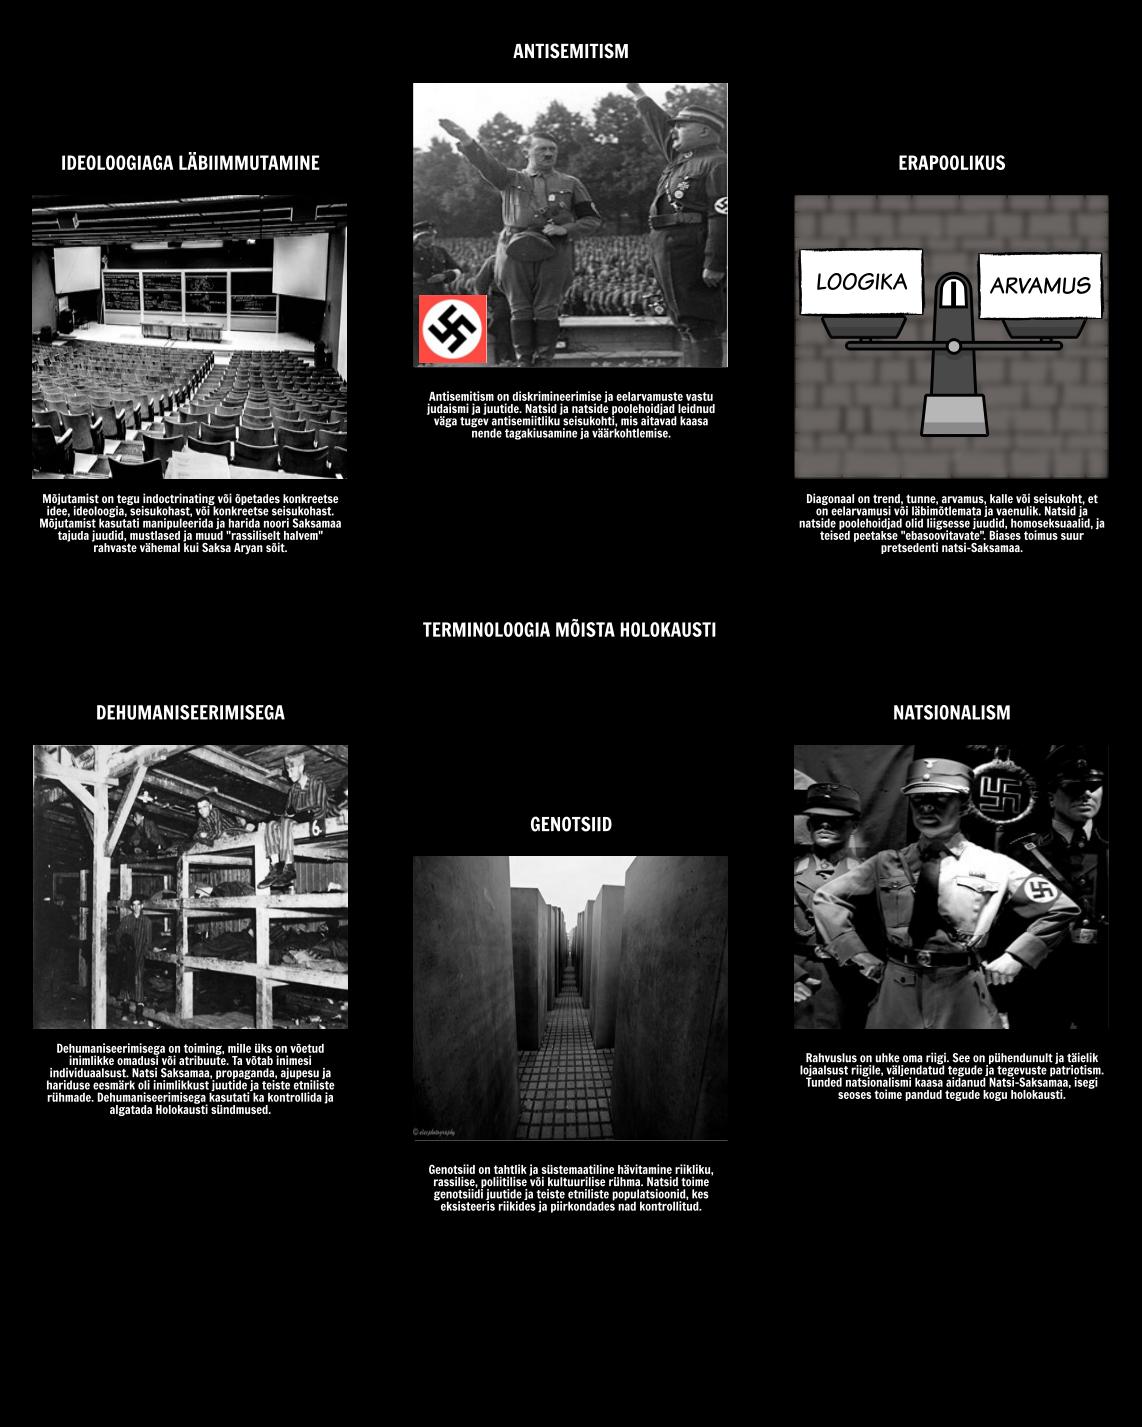 Ajalugu Holokausti - Terminoloogia Mõista Holokausti